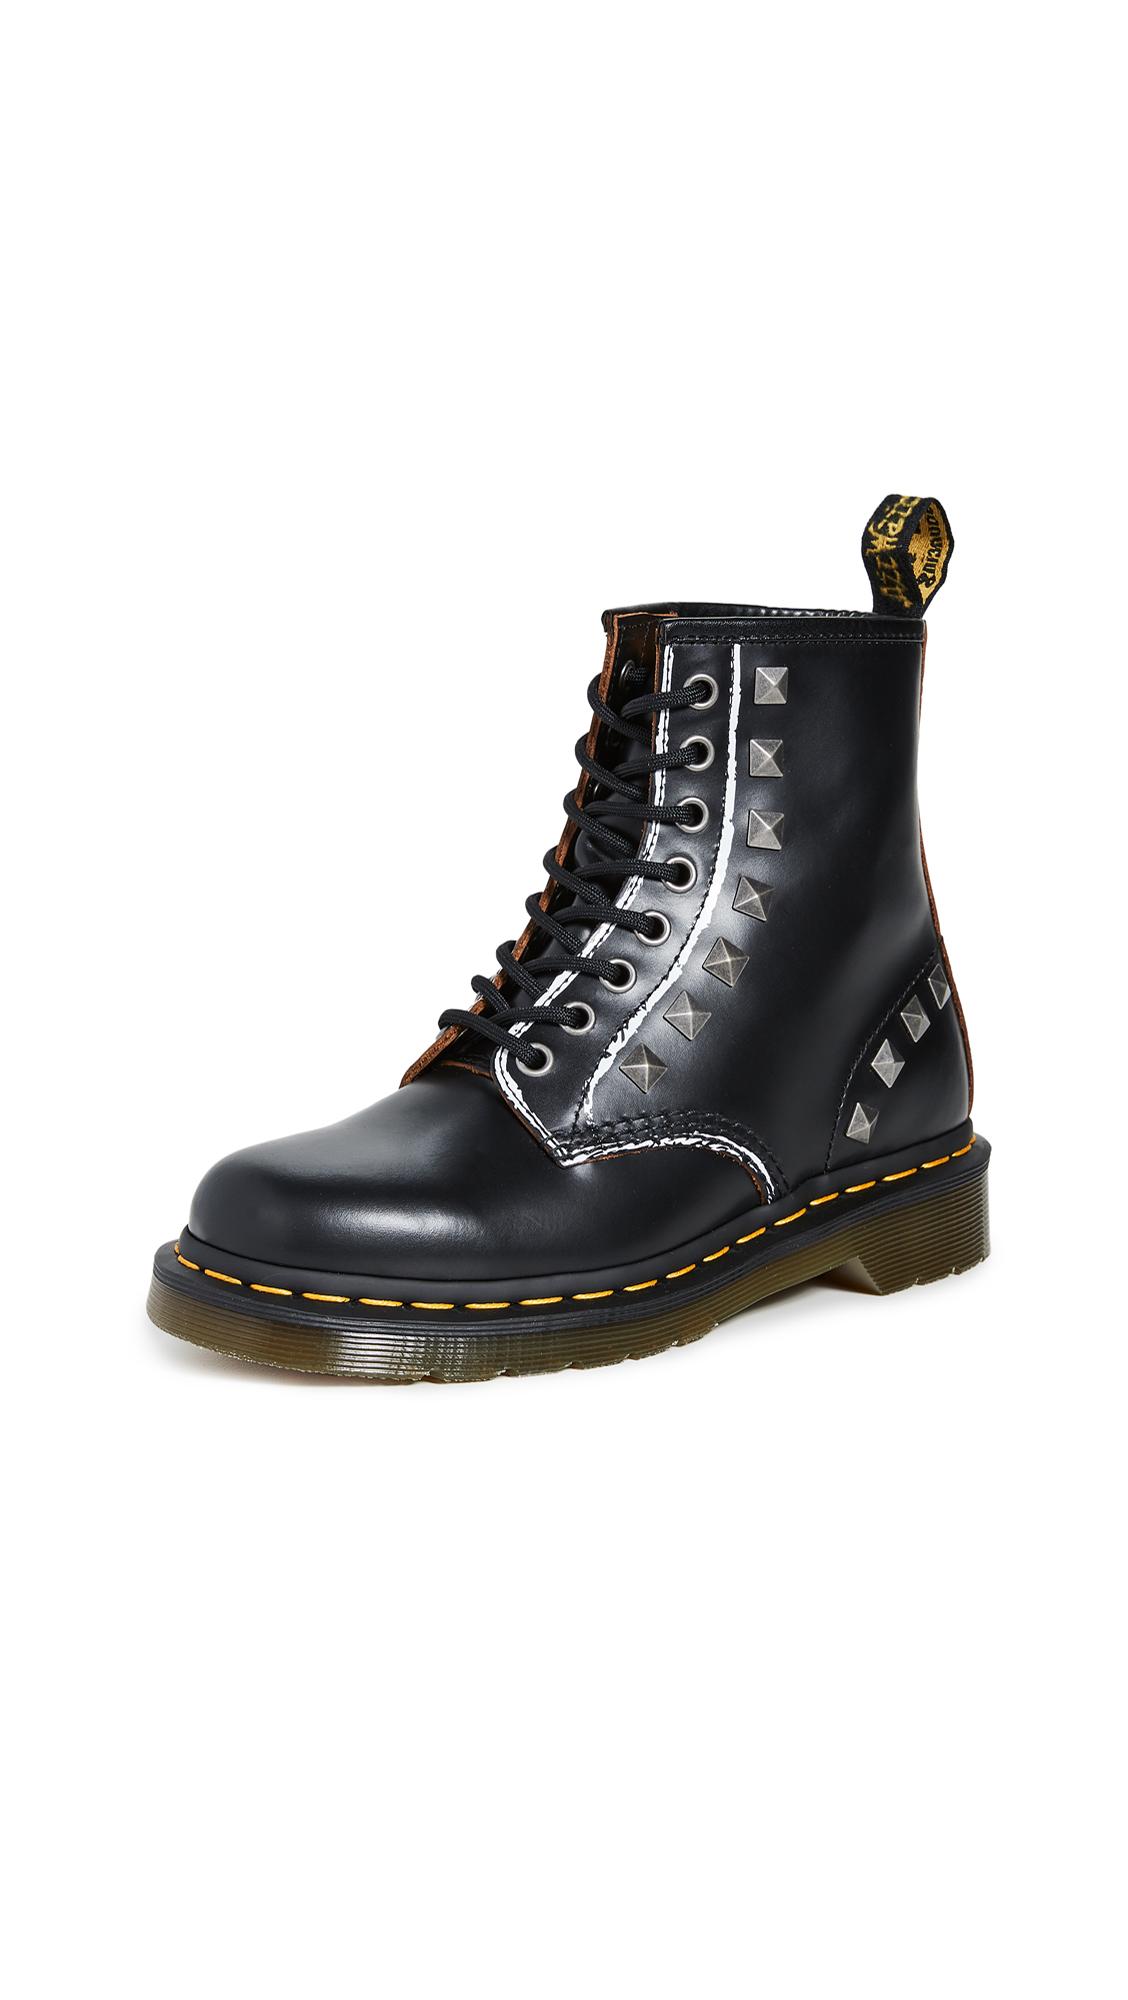 Buy Dr. Martens 1460 Stud 8 Eye Boots online, shop Dr. Martens